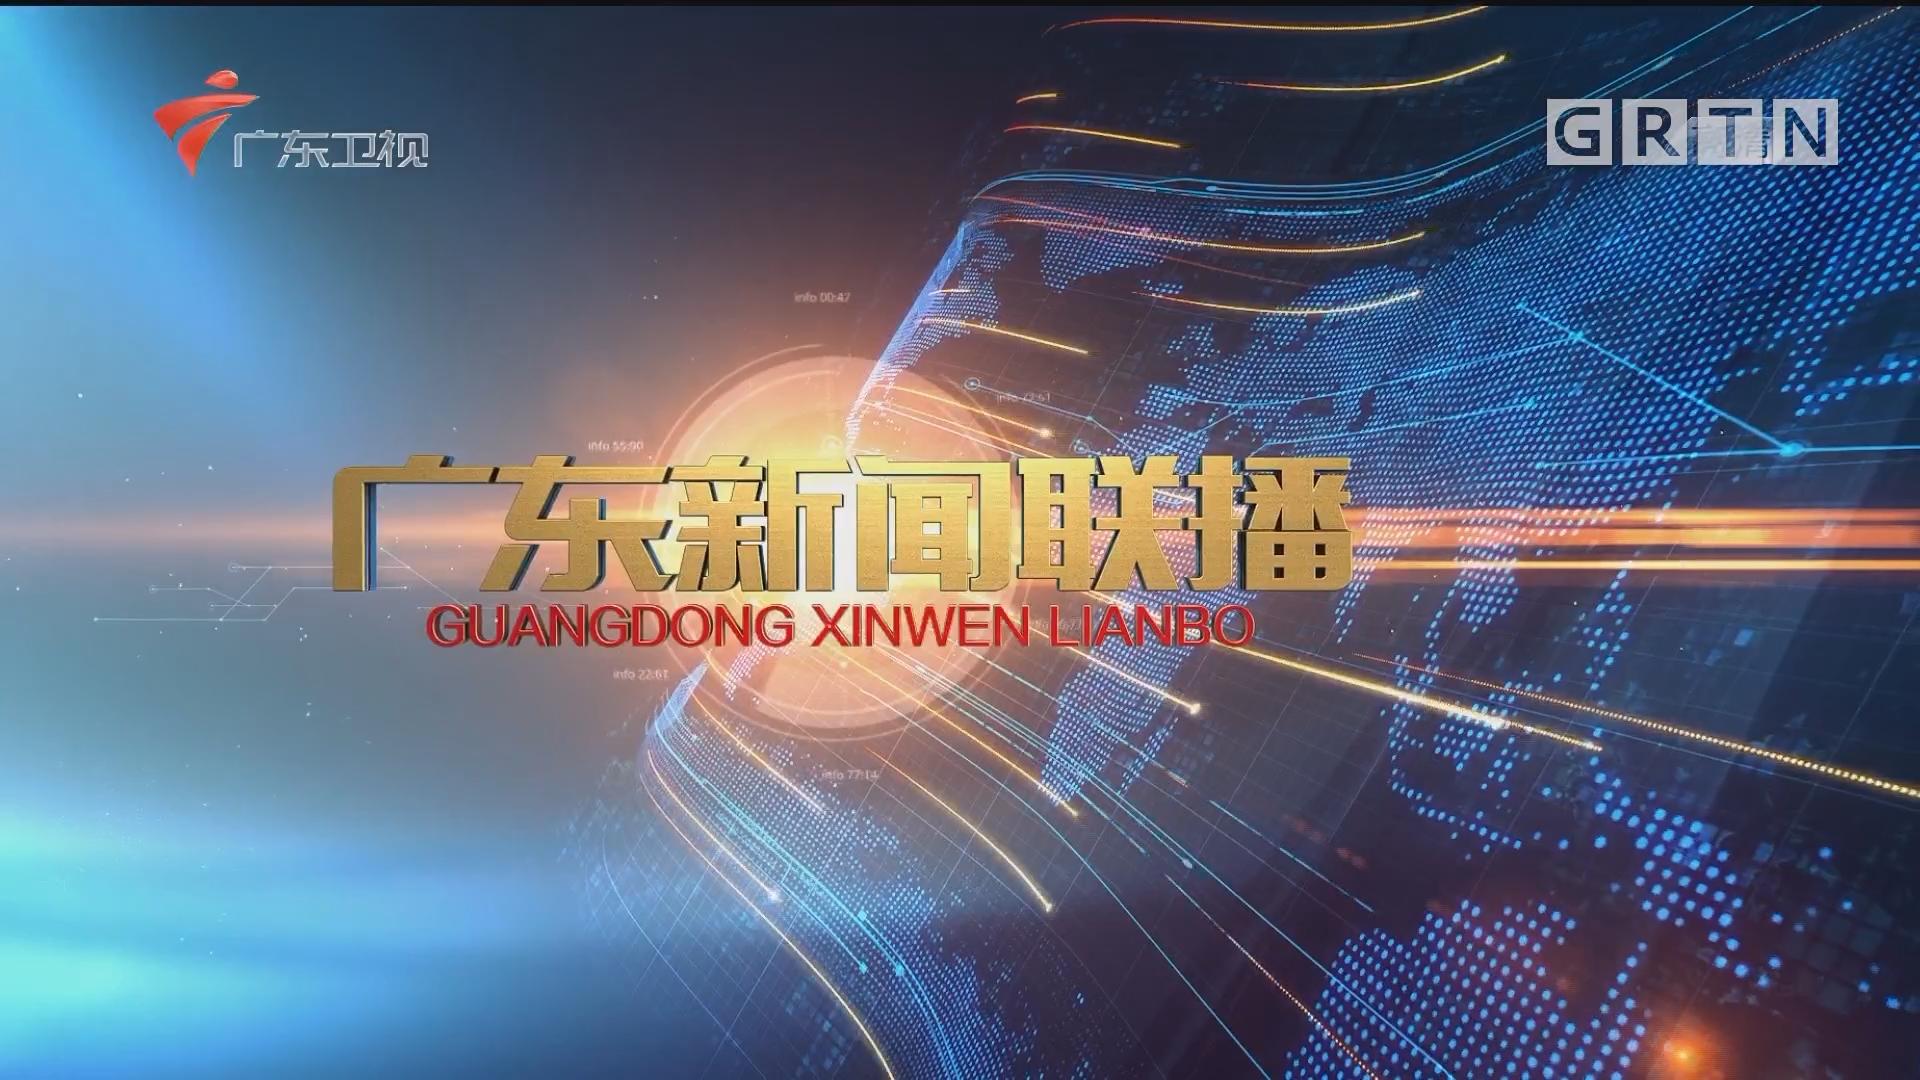 [HD][2017-10-17]广东新闻联播:中国共产党第十九次全国代表大会新闻发言人举行新闻发布会